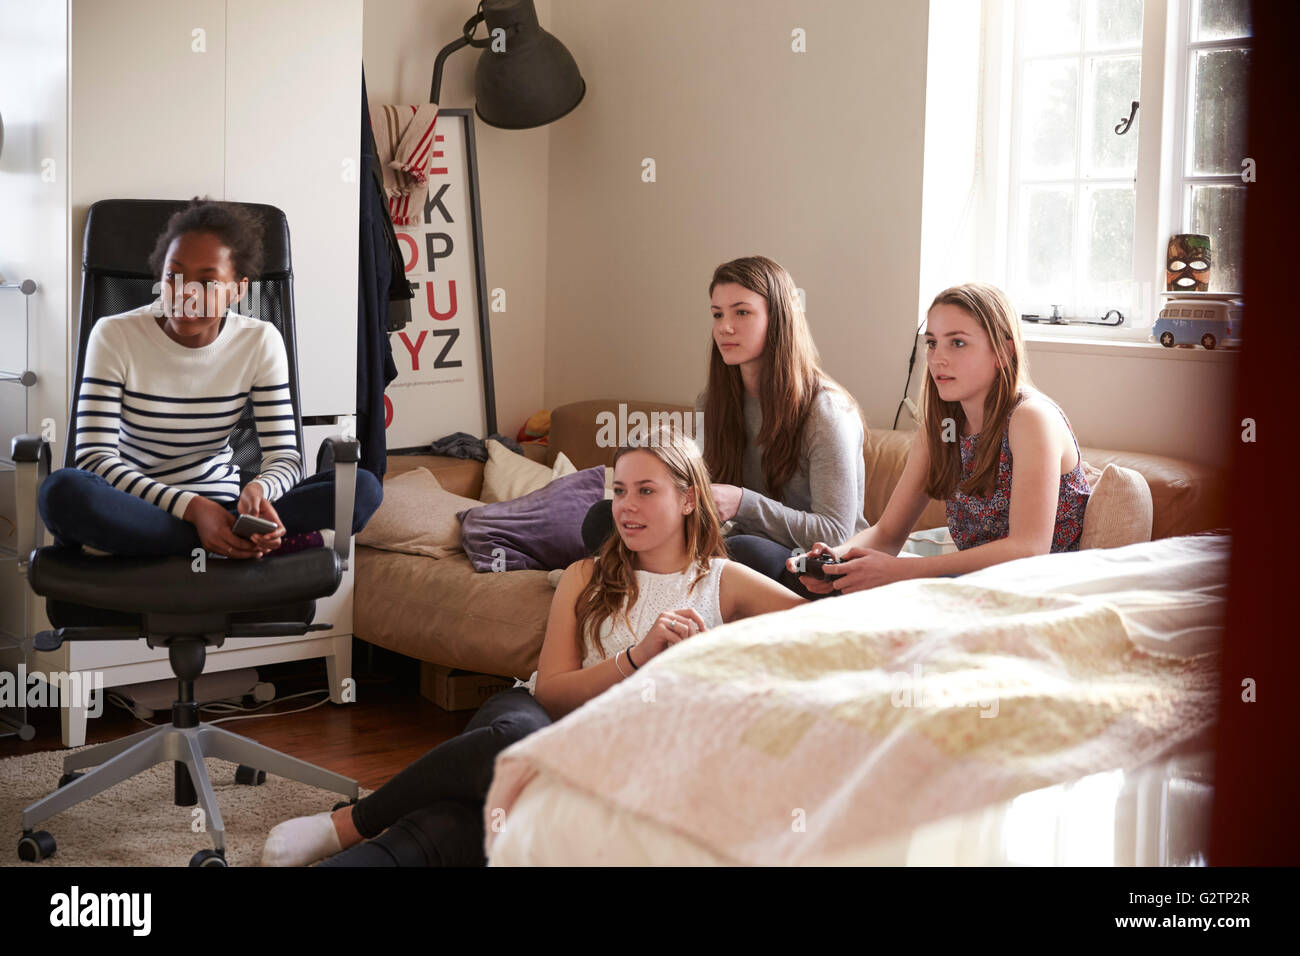 Groupe d'adolescentes jouer jeu vidéo dans la chambre Photo Stock